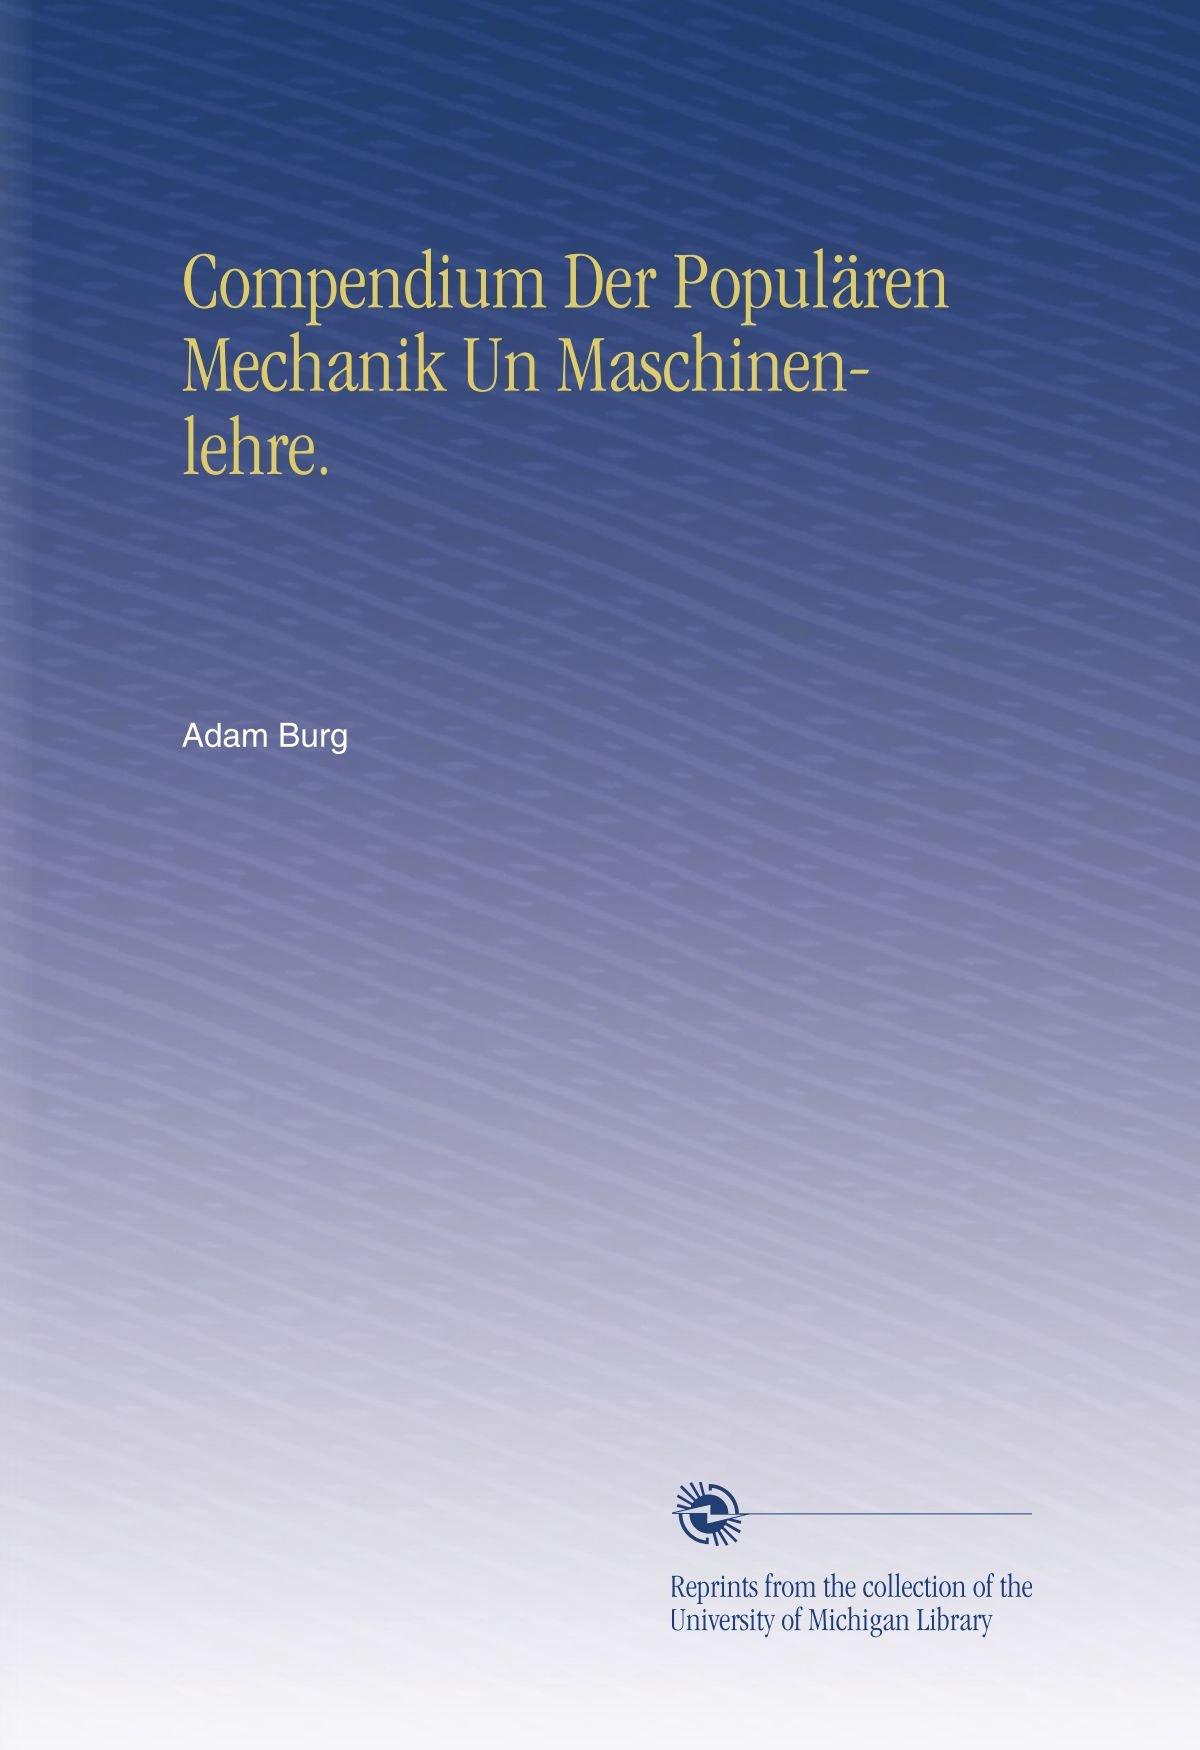 Compendium Der Populären Mechanik Un Maschinenlehre. (German Edition) pdf epub